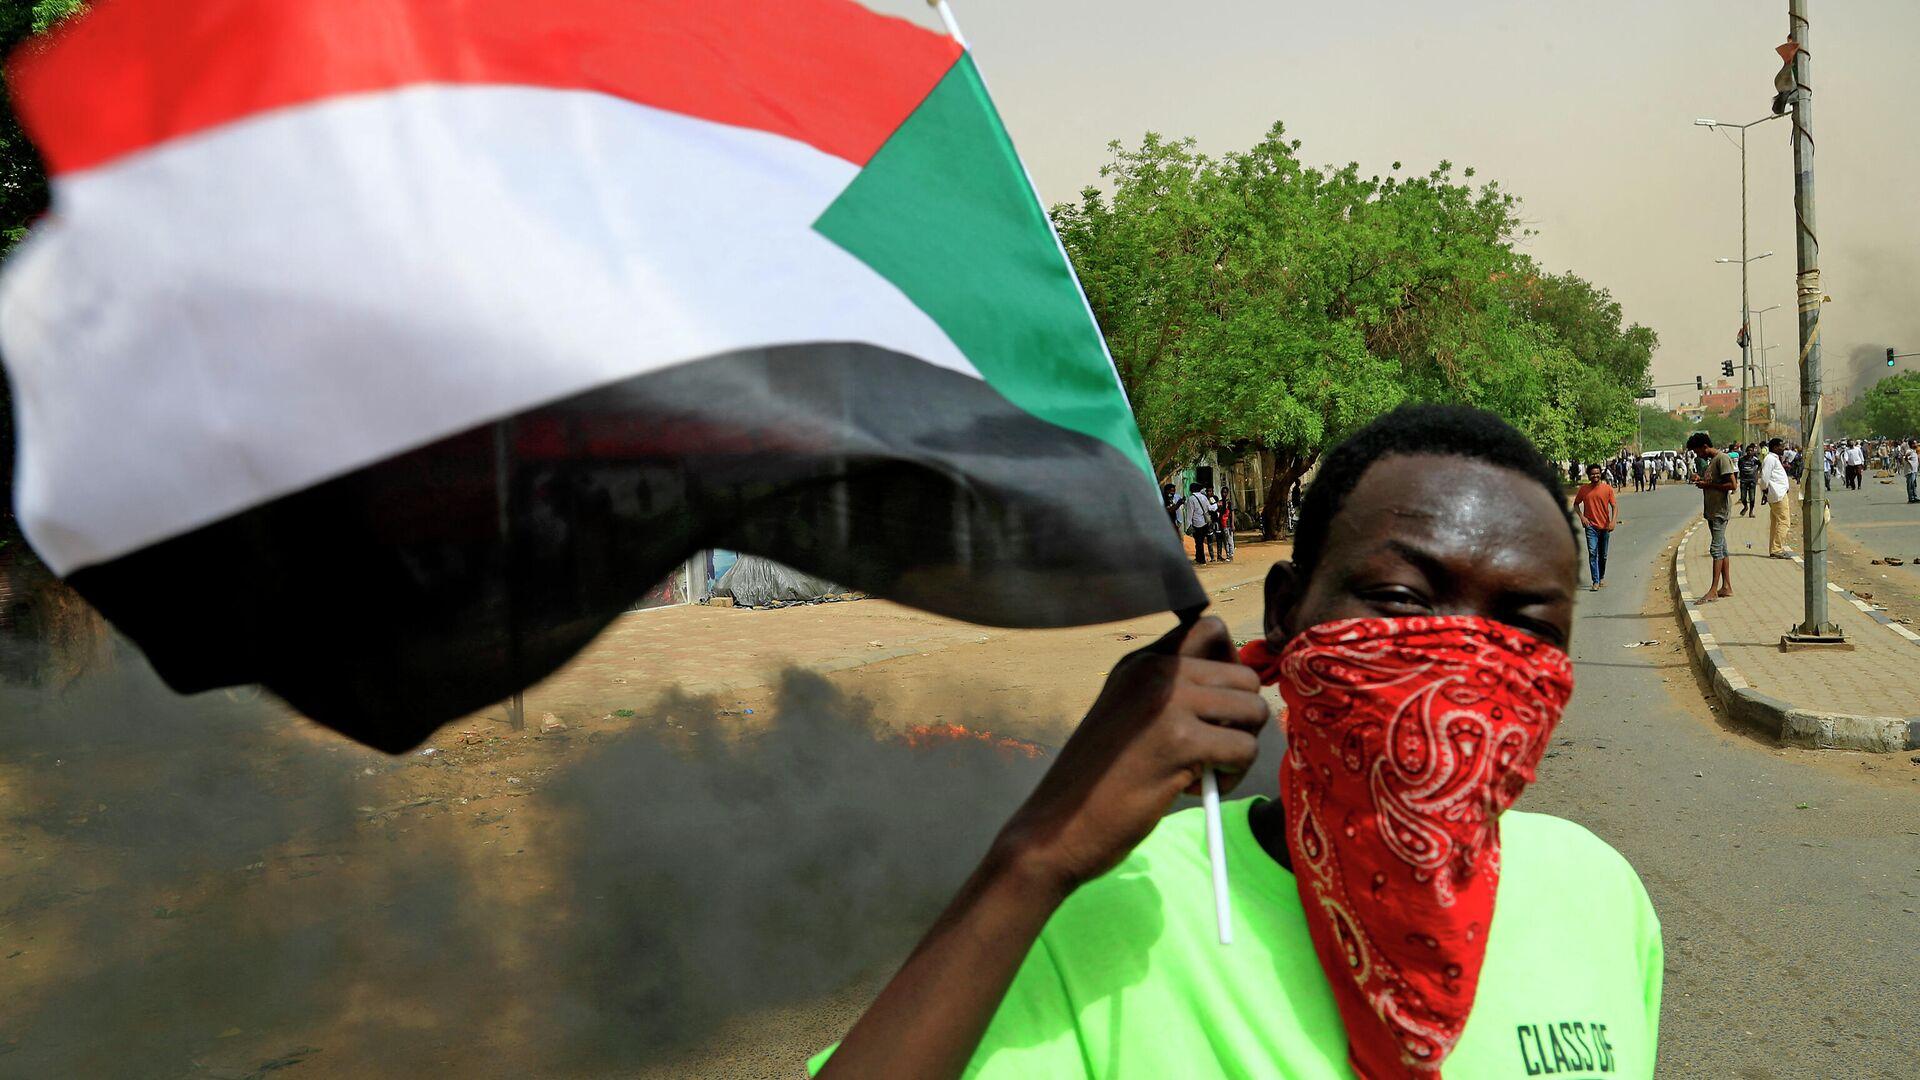 Un manifestante con la bandera de Sudán (archivo) - Sputnik Mundo, 1920, 21.09.2021